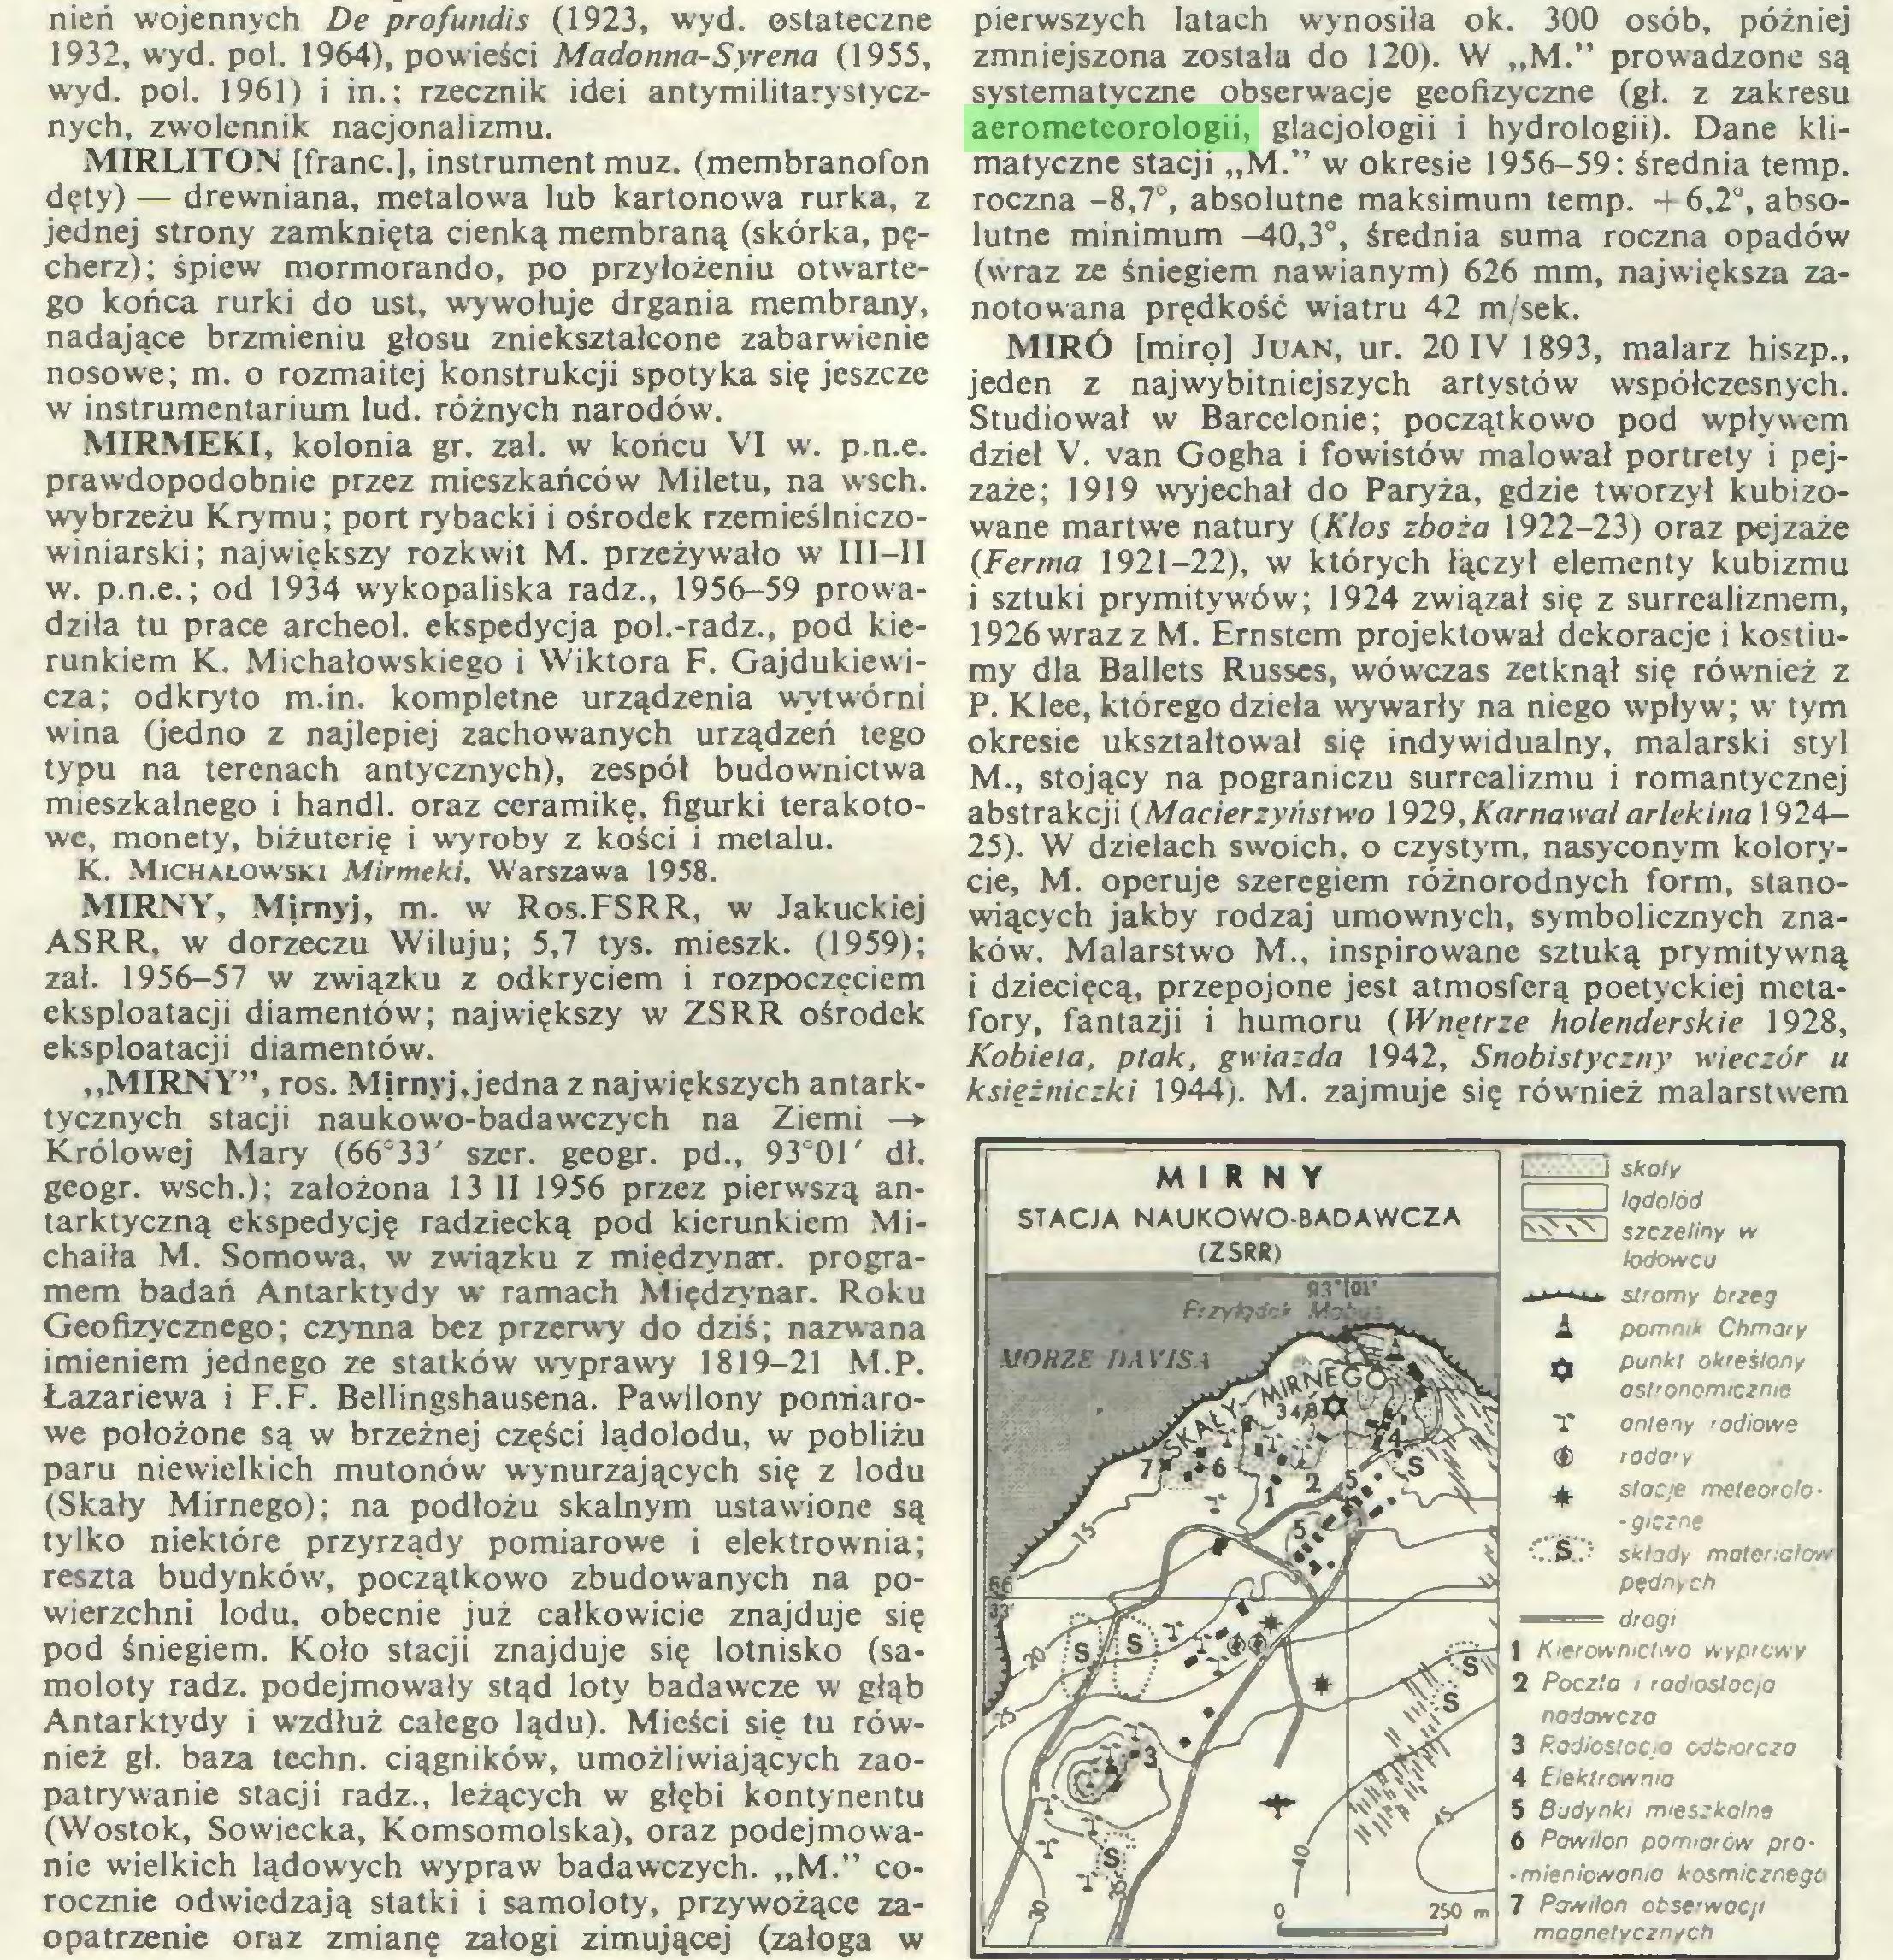 """(...) opatrzenie oraz zmianę załogi zimującej (załoga w pierwszych latach wynosiła ok. 300 osób, później zmniejszona została do 120). W """"M."""" prowadzone są systematyczne obserwacje geofizyczne (gł. z zakresu aerometeorologii, glacjologii i hydrologii). Dane klimatyczne stacji """"M."""" w okresie 1956-59: średnia temp..."""